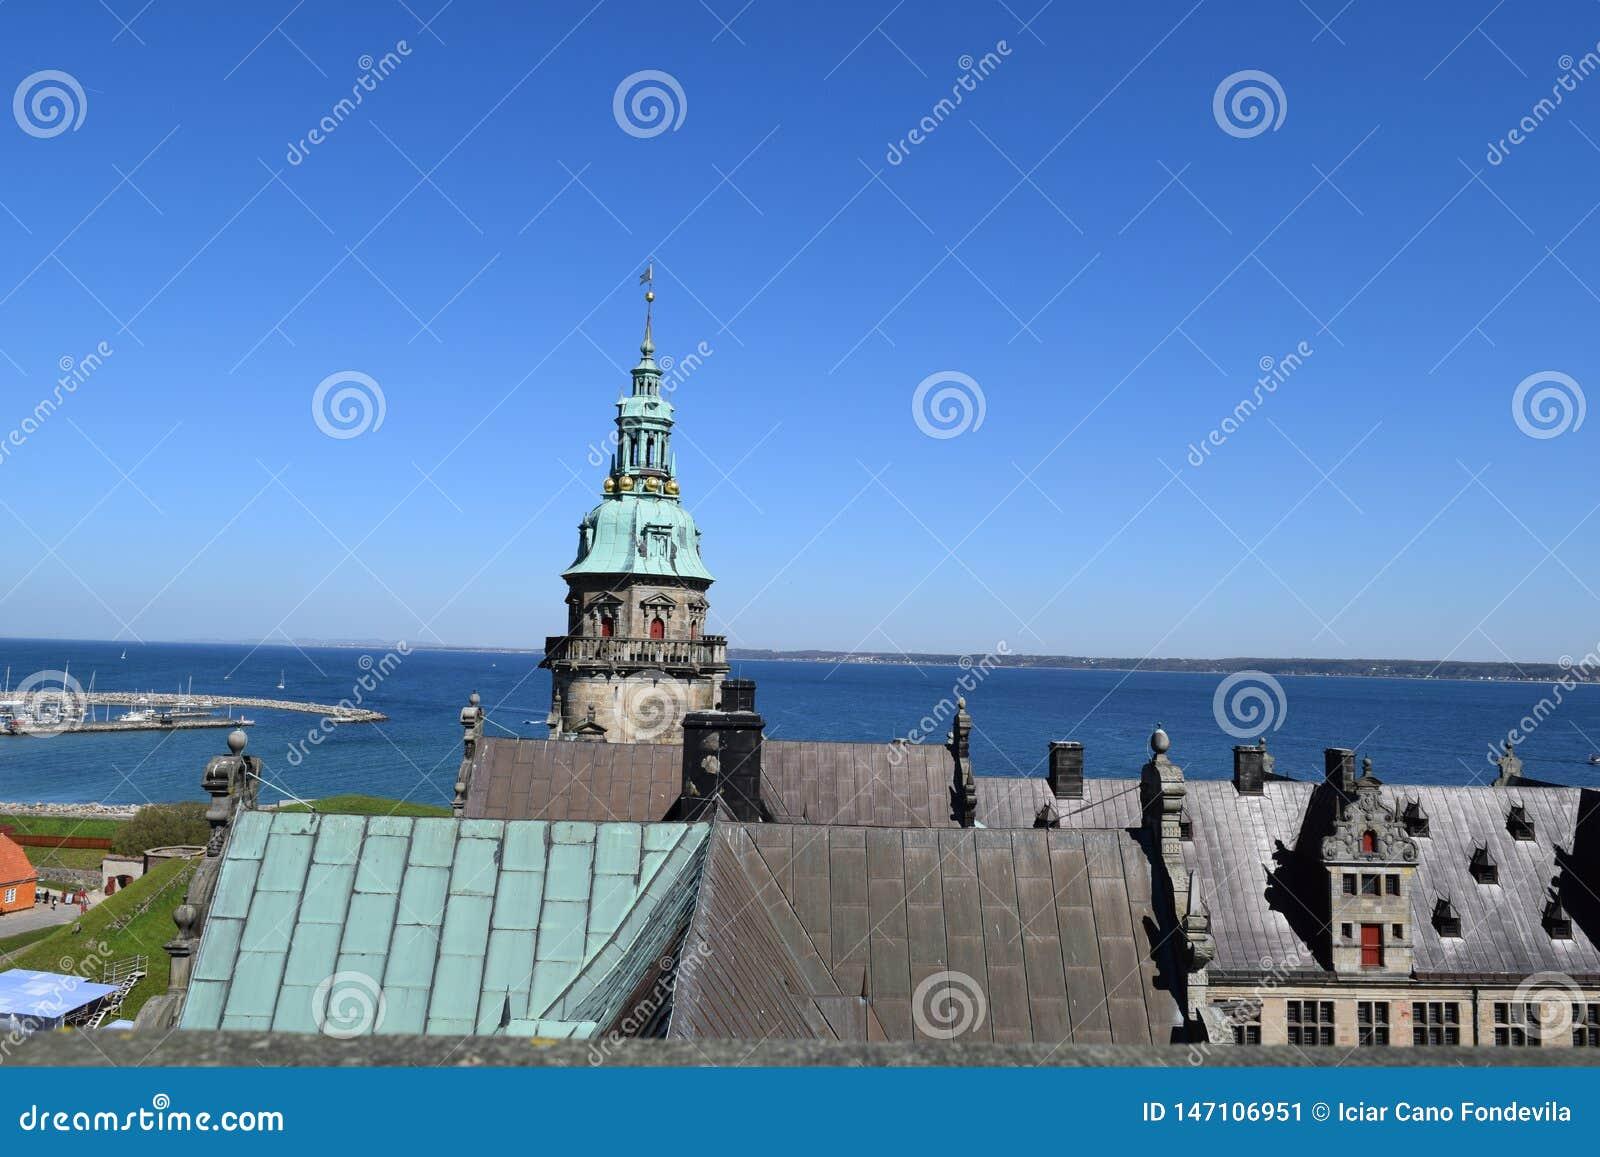 Medieval castle in Denmark